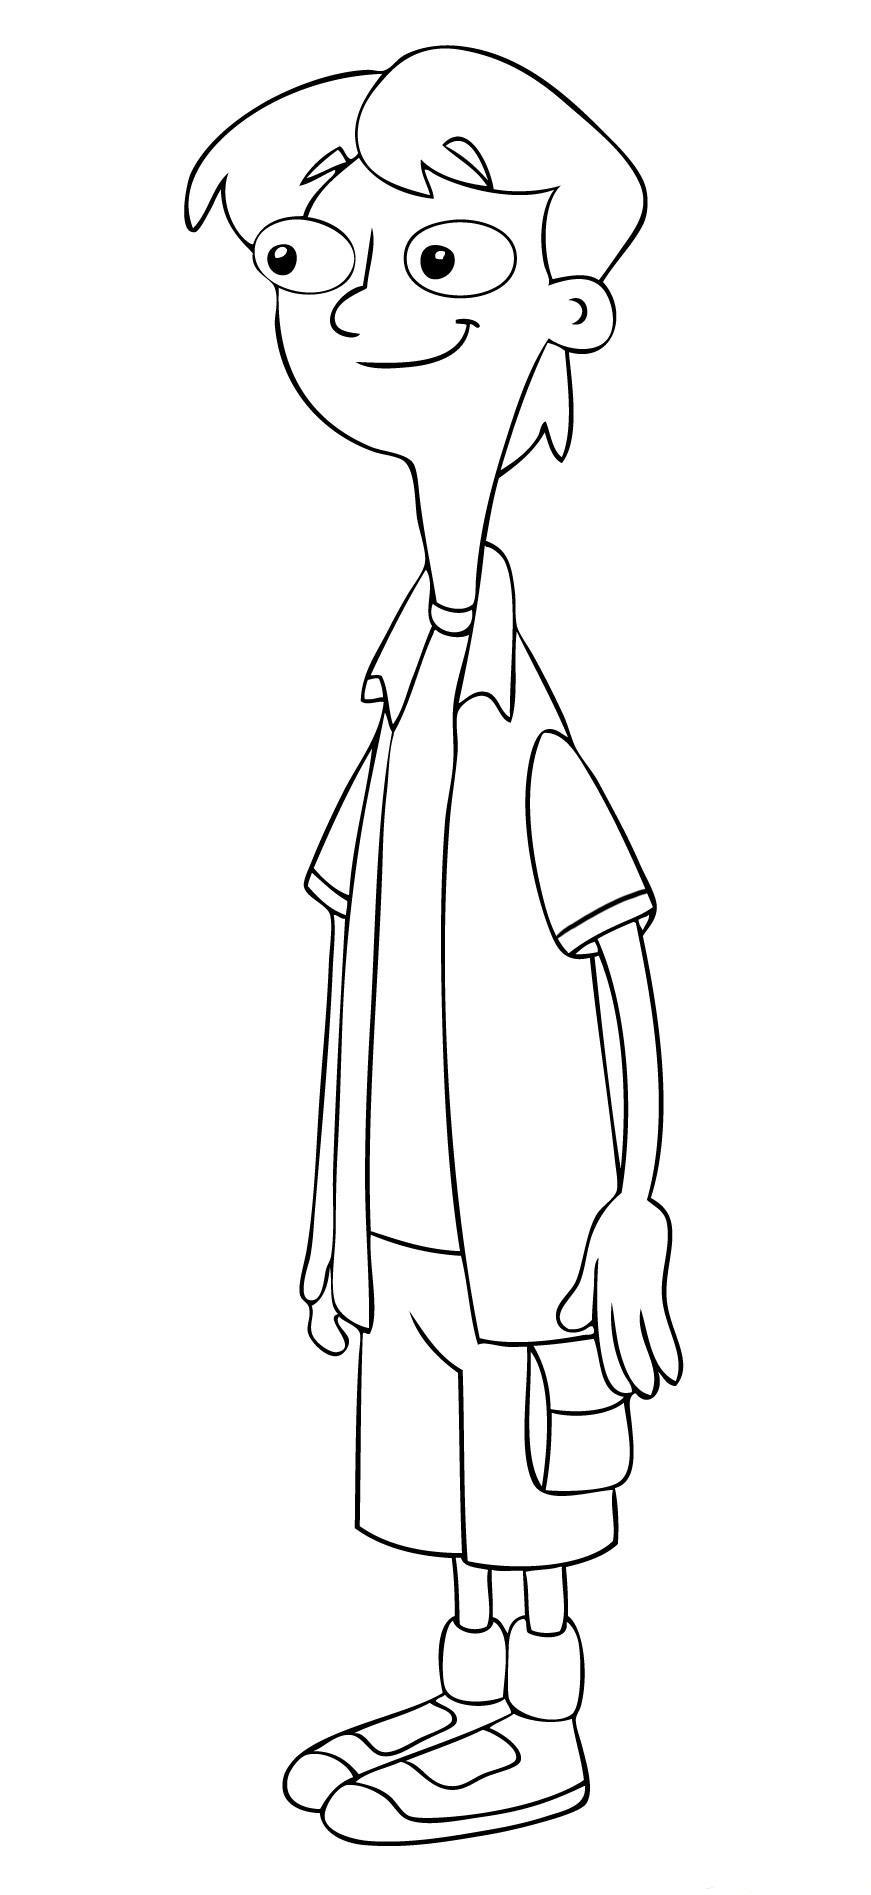 Malvorlage Phineas Und Ferb Ausmalbilder 7c828